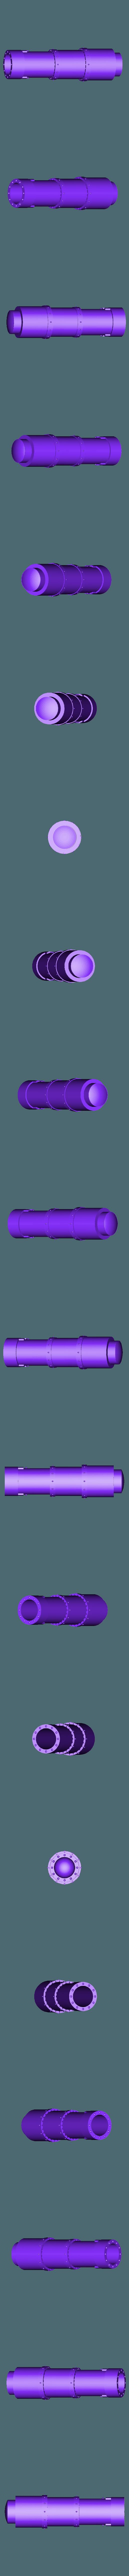 deathstrike cannon.stl Télécharger fichier STL gratuit 40k Big Wall Big Wall Lord Titan Deathstrike Macro-Cannon • Plan pour impression 3D, The_Titan_Manifactorium